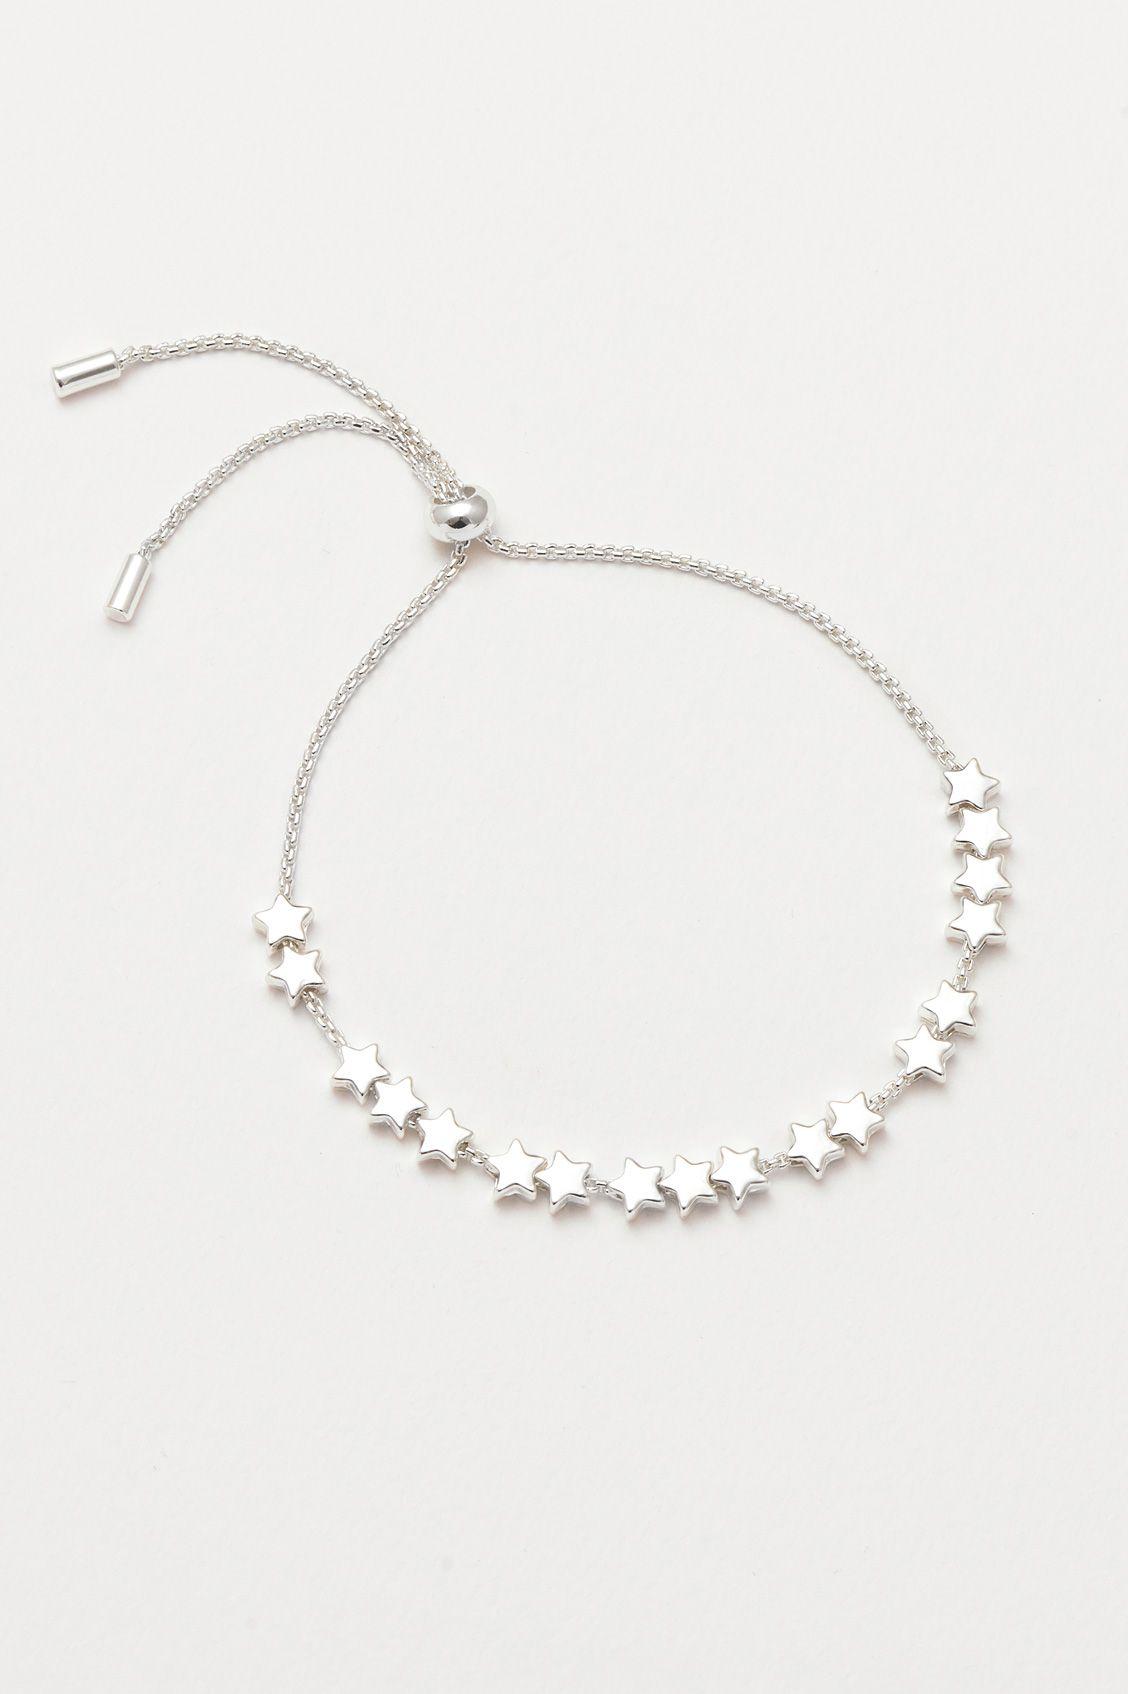 Estella Bartlett Bracelet - Stars So Bright Silver